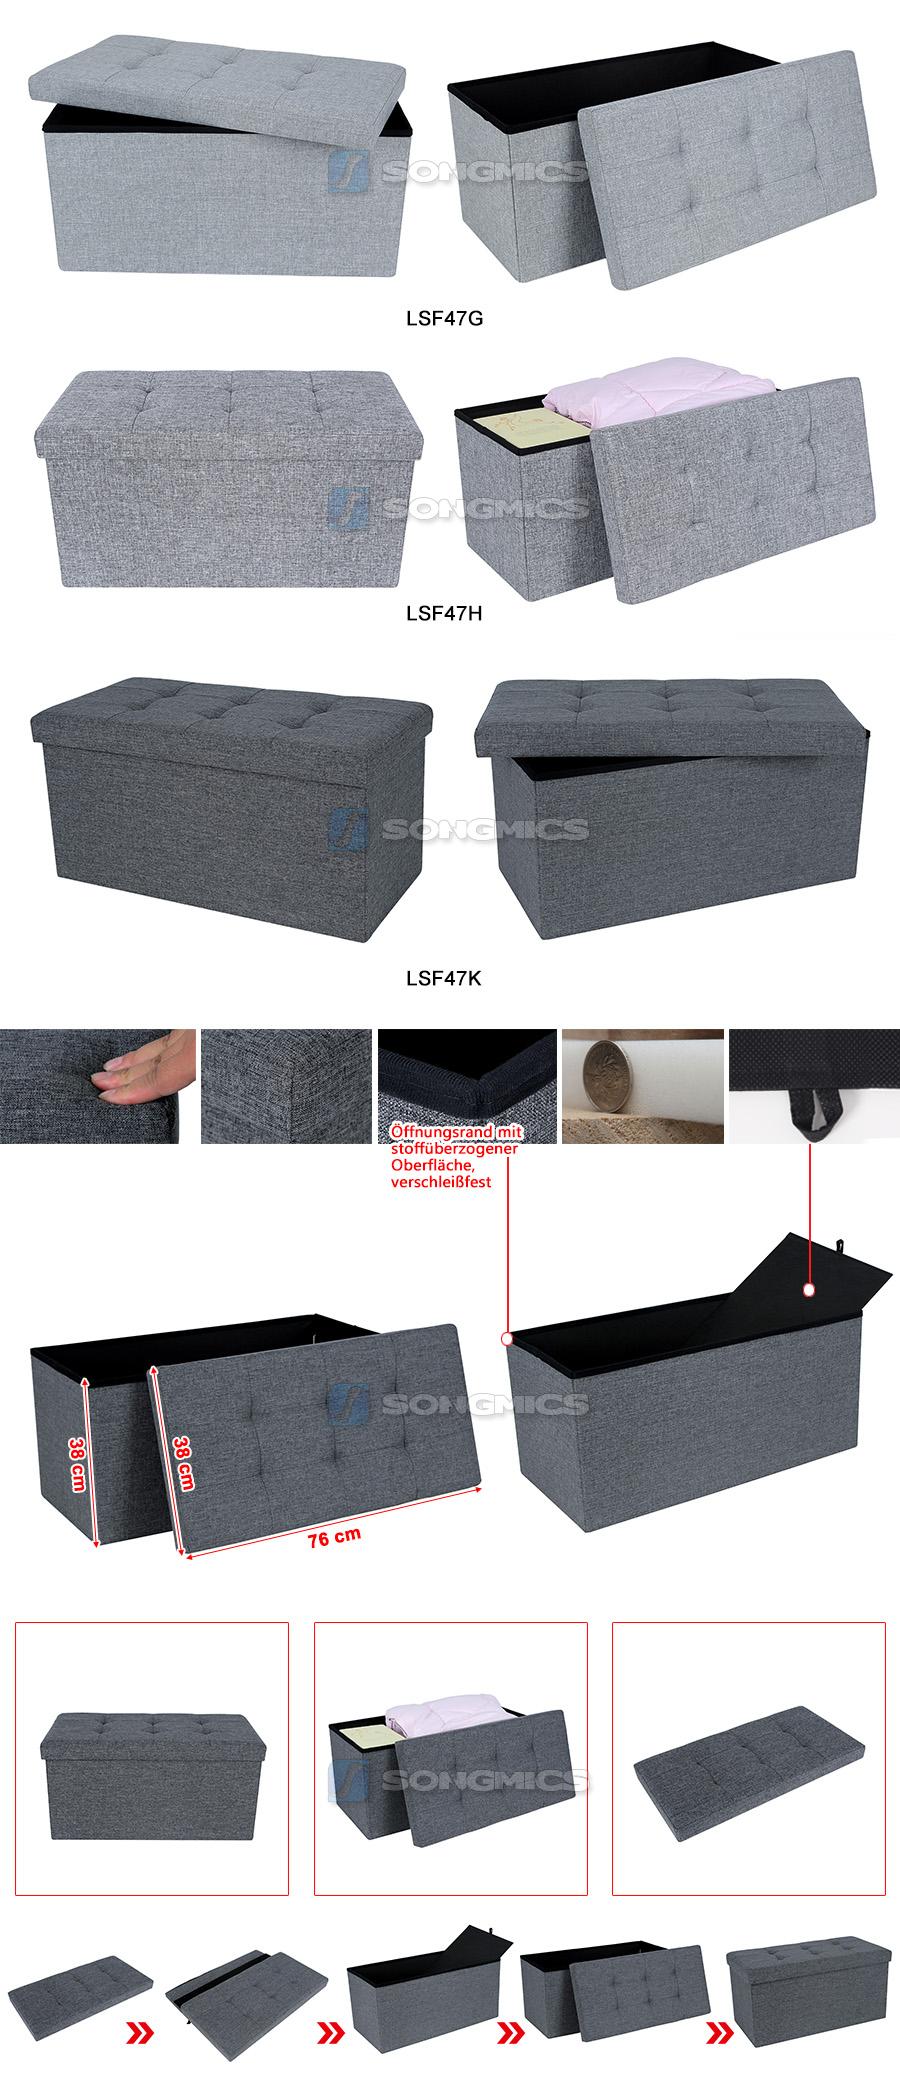 songmics pouf cubo poggiapiedi contenitore sgabello pieghevole tessuto di lino ebay. Black Bedroom Furniture Sets. Home Design Ideas